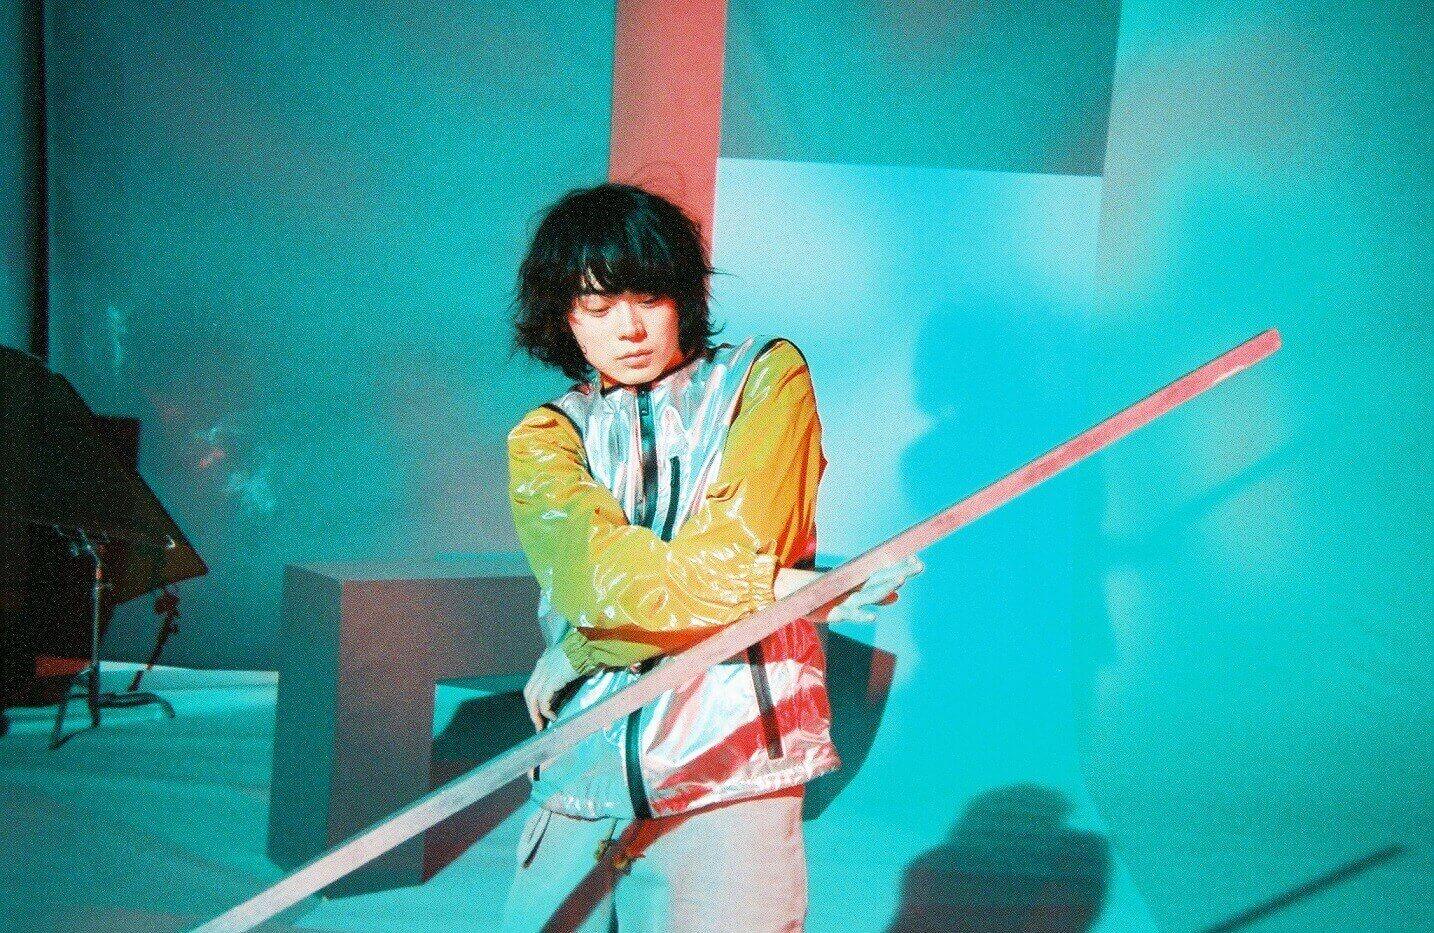 菅田将暉 石崎ひゅーいの「抱かれたい」発言に「相思相愛やった」サムネイル画像